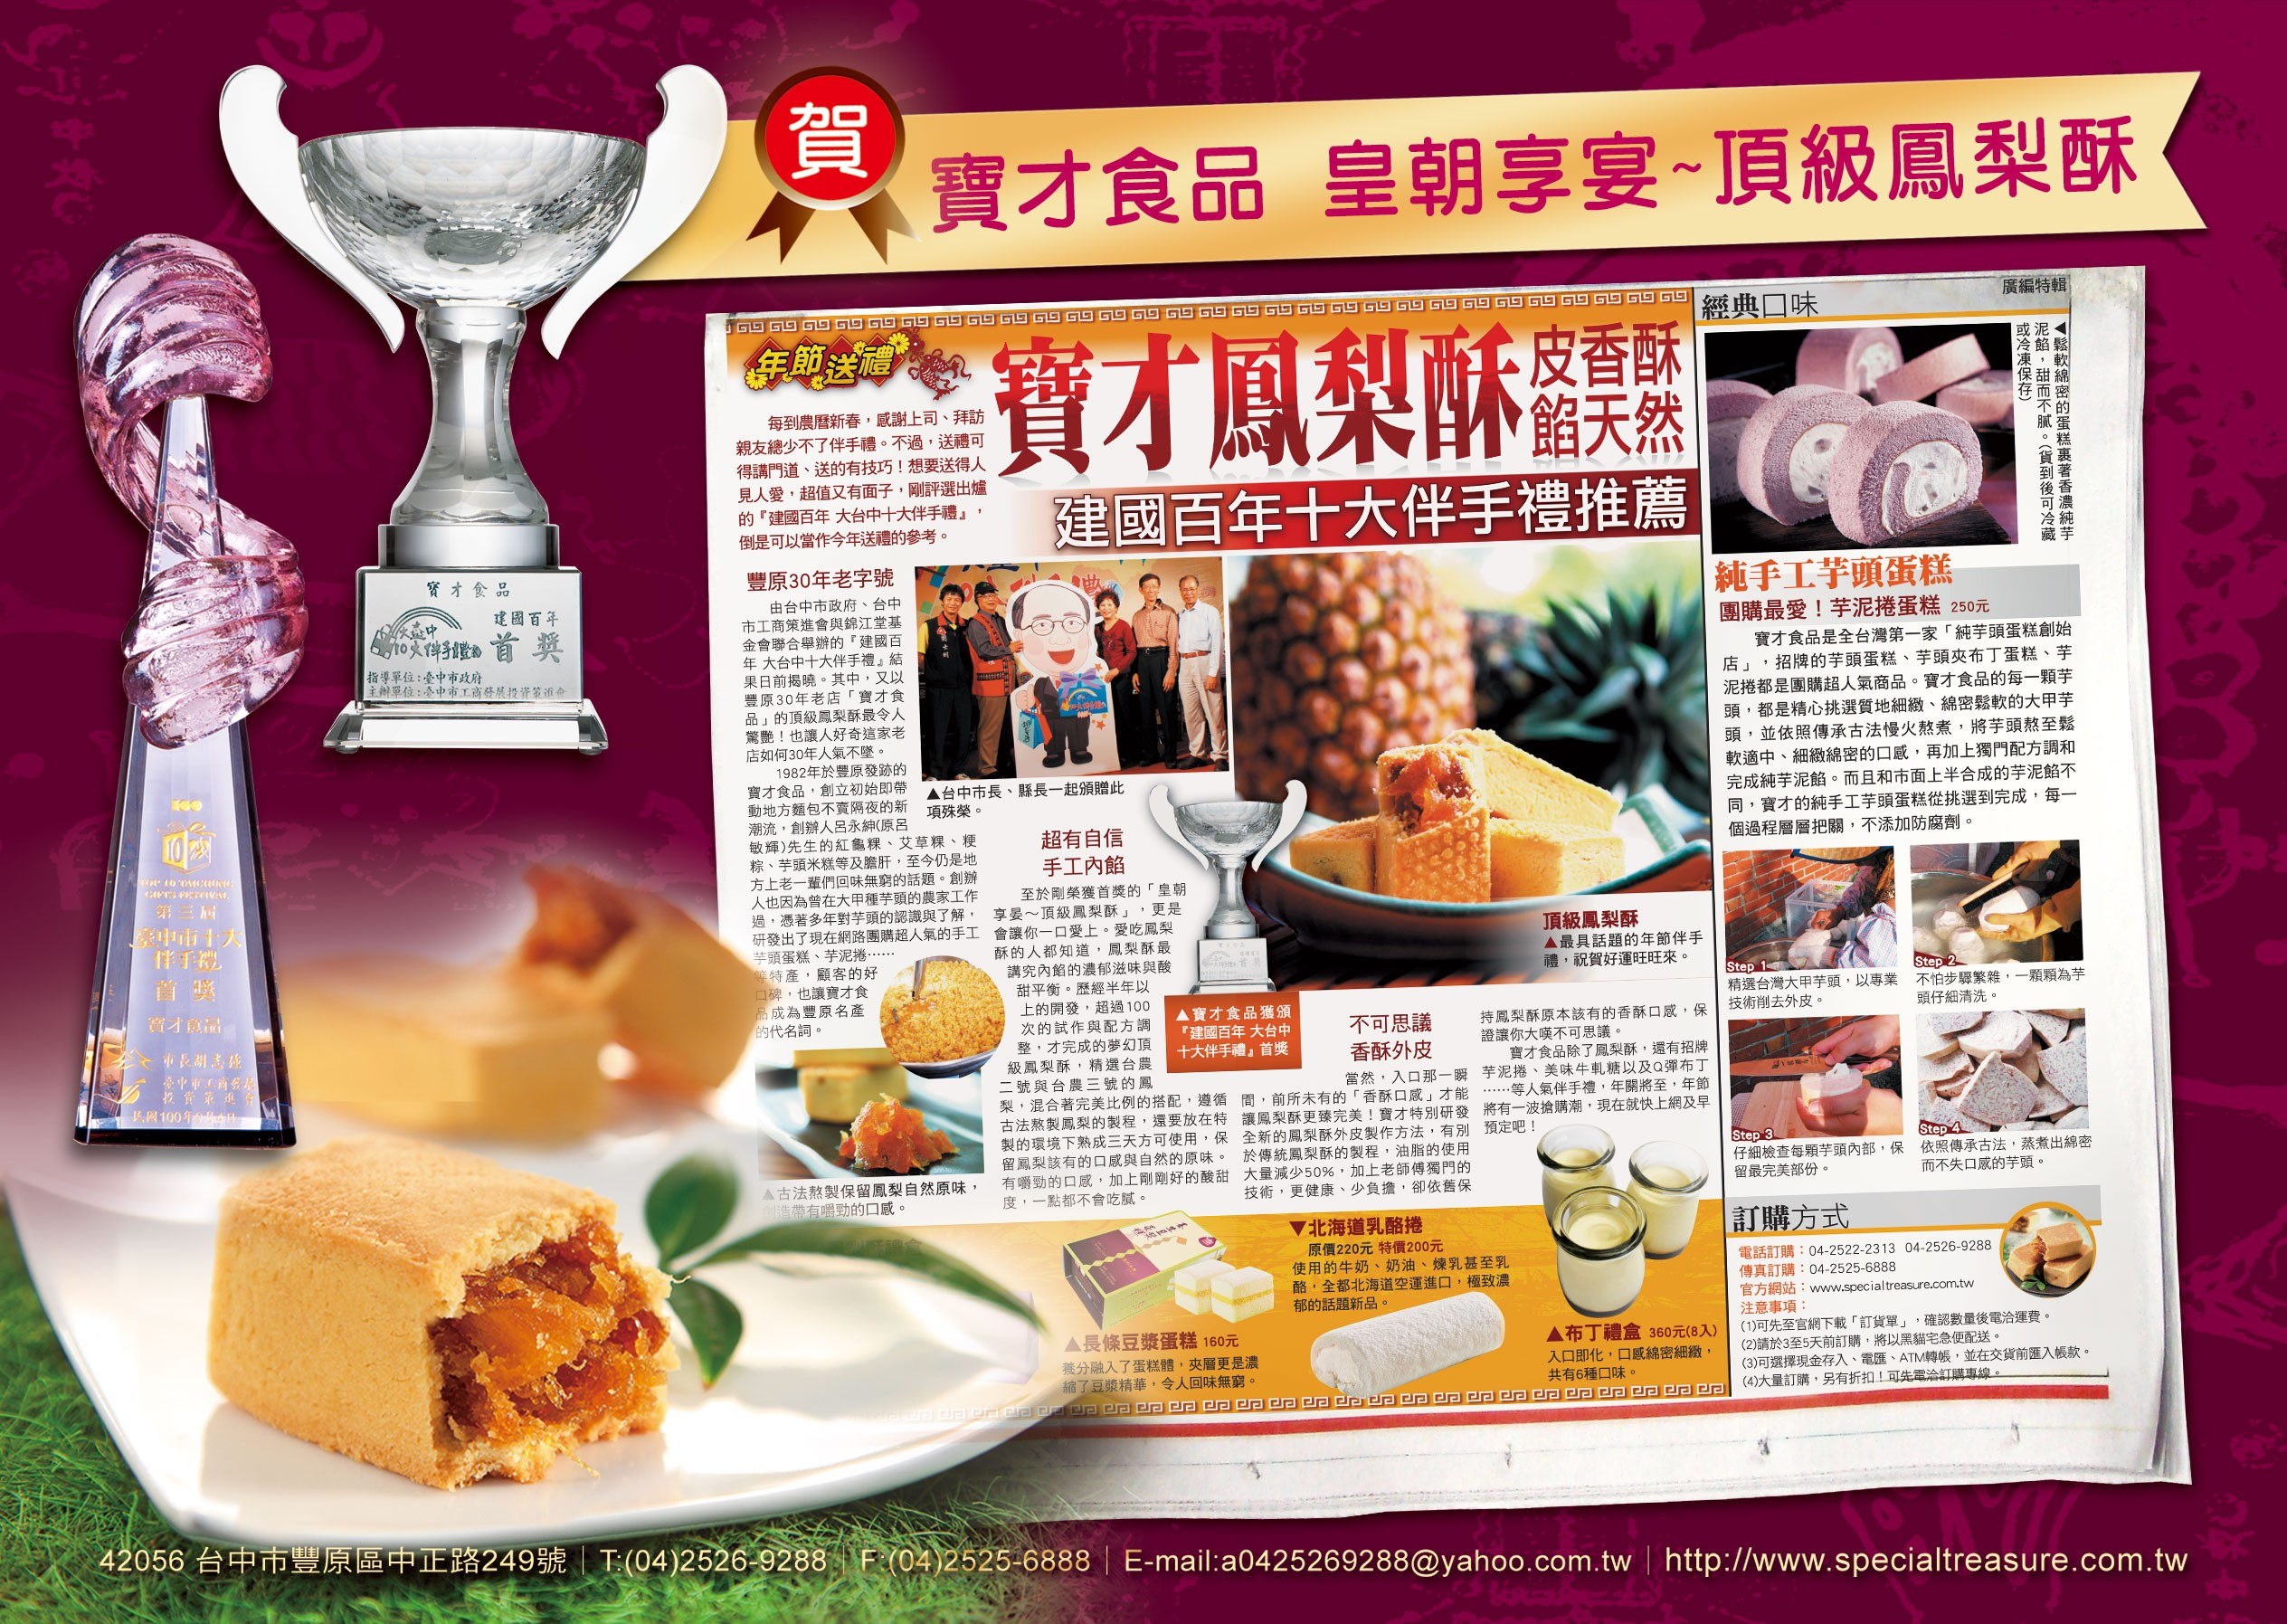 皇朝享晏_頂級特製鳳梨酥 單顆35元